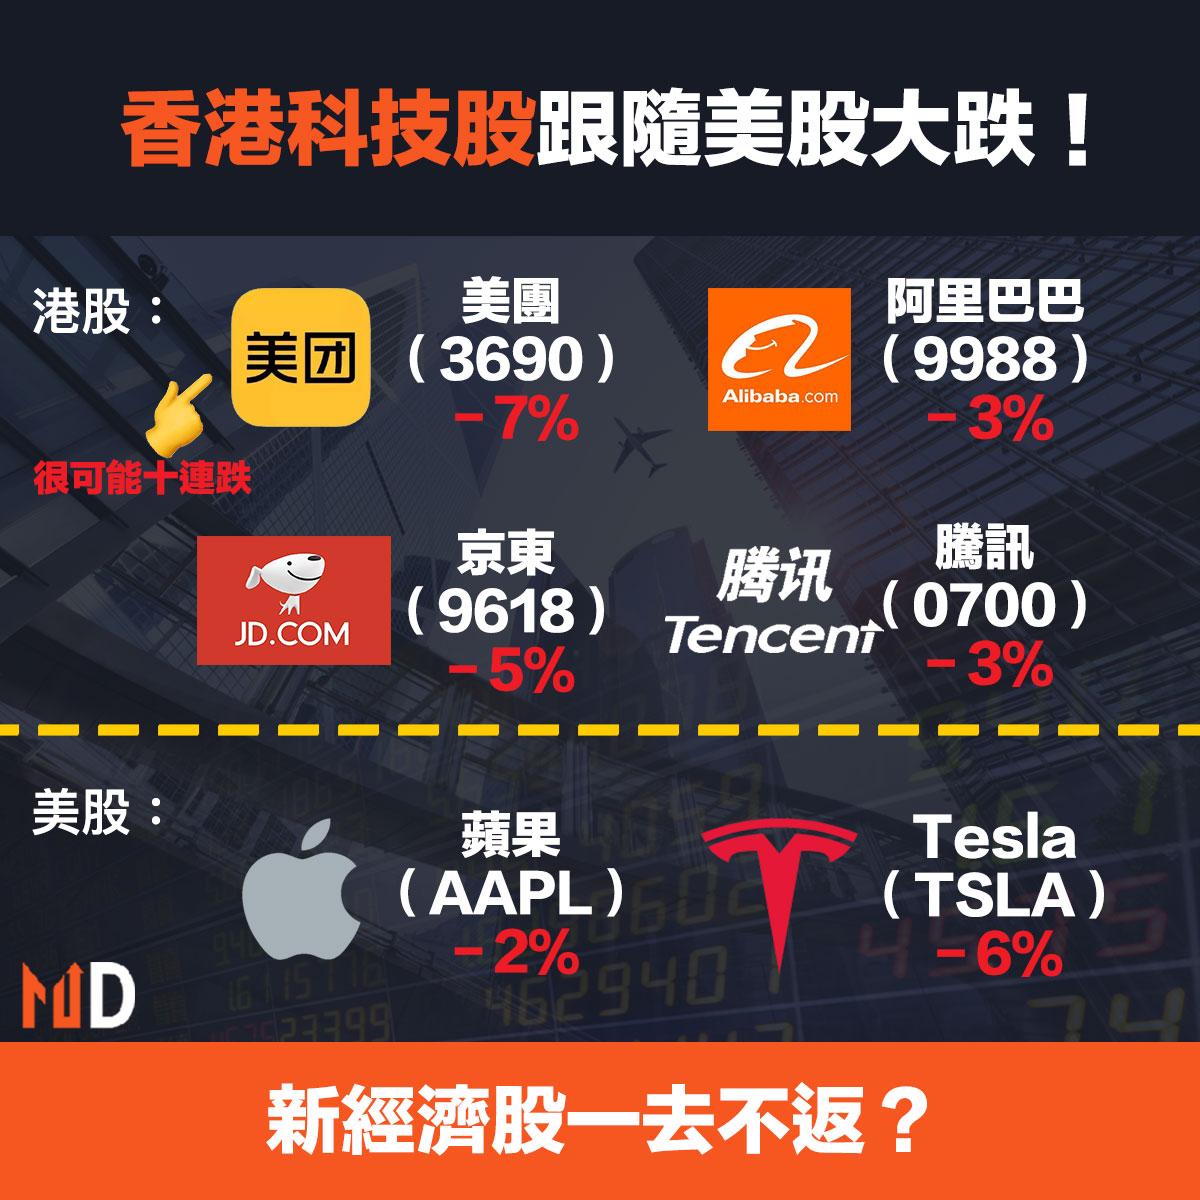 香港科技股跟隨美股大跌